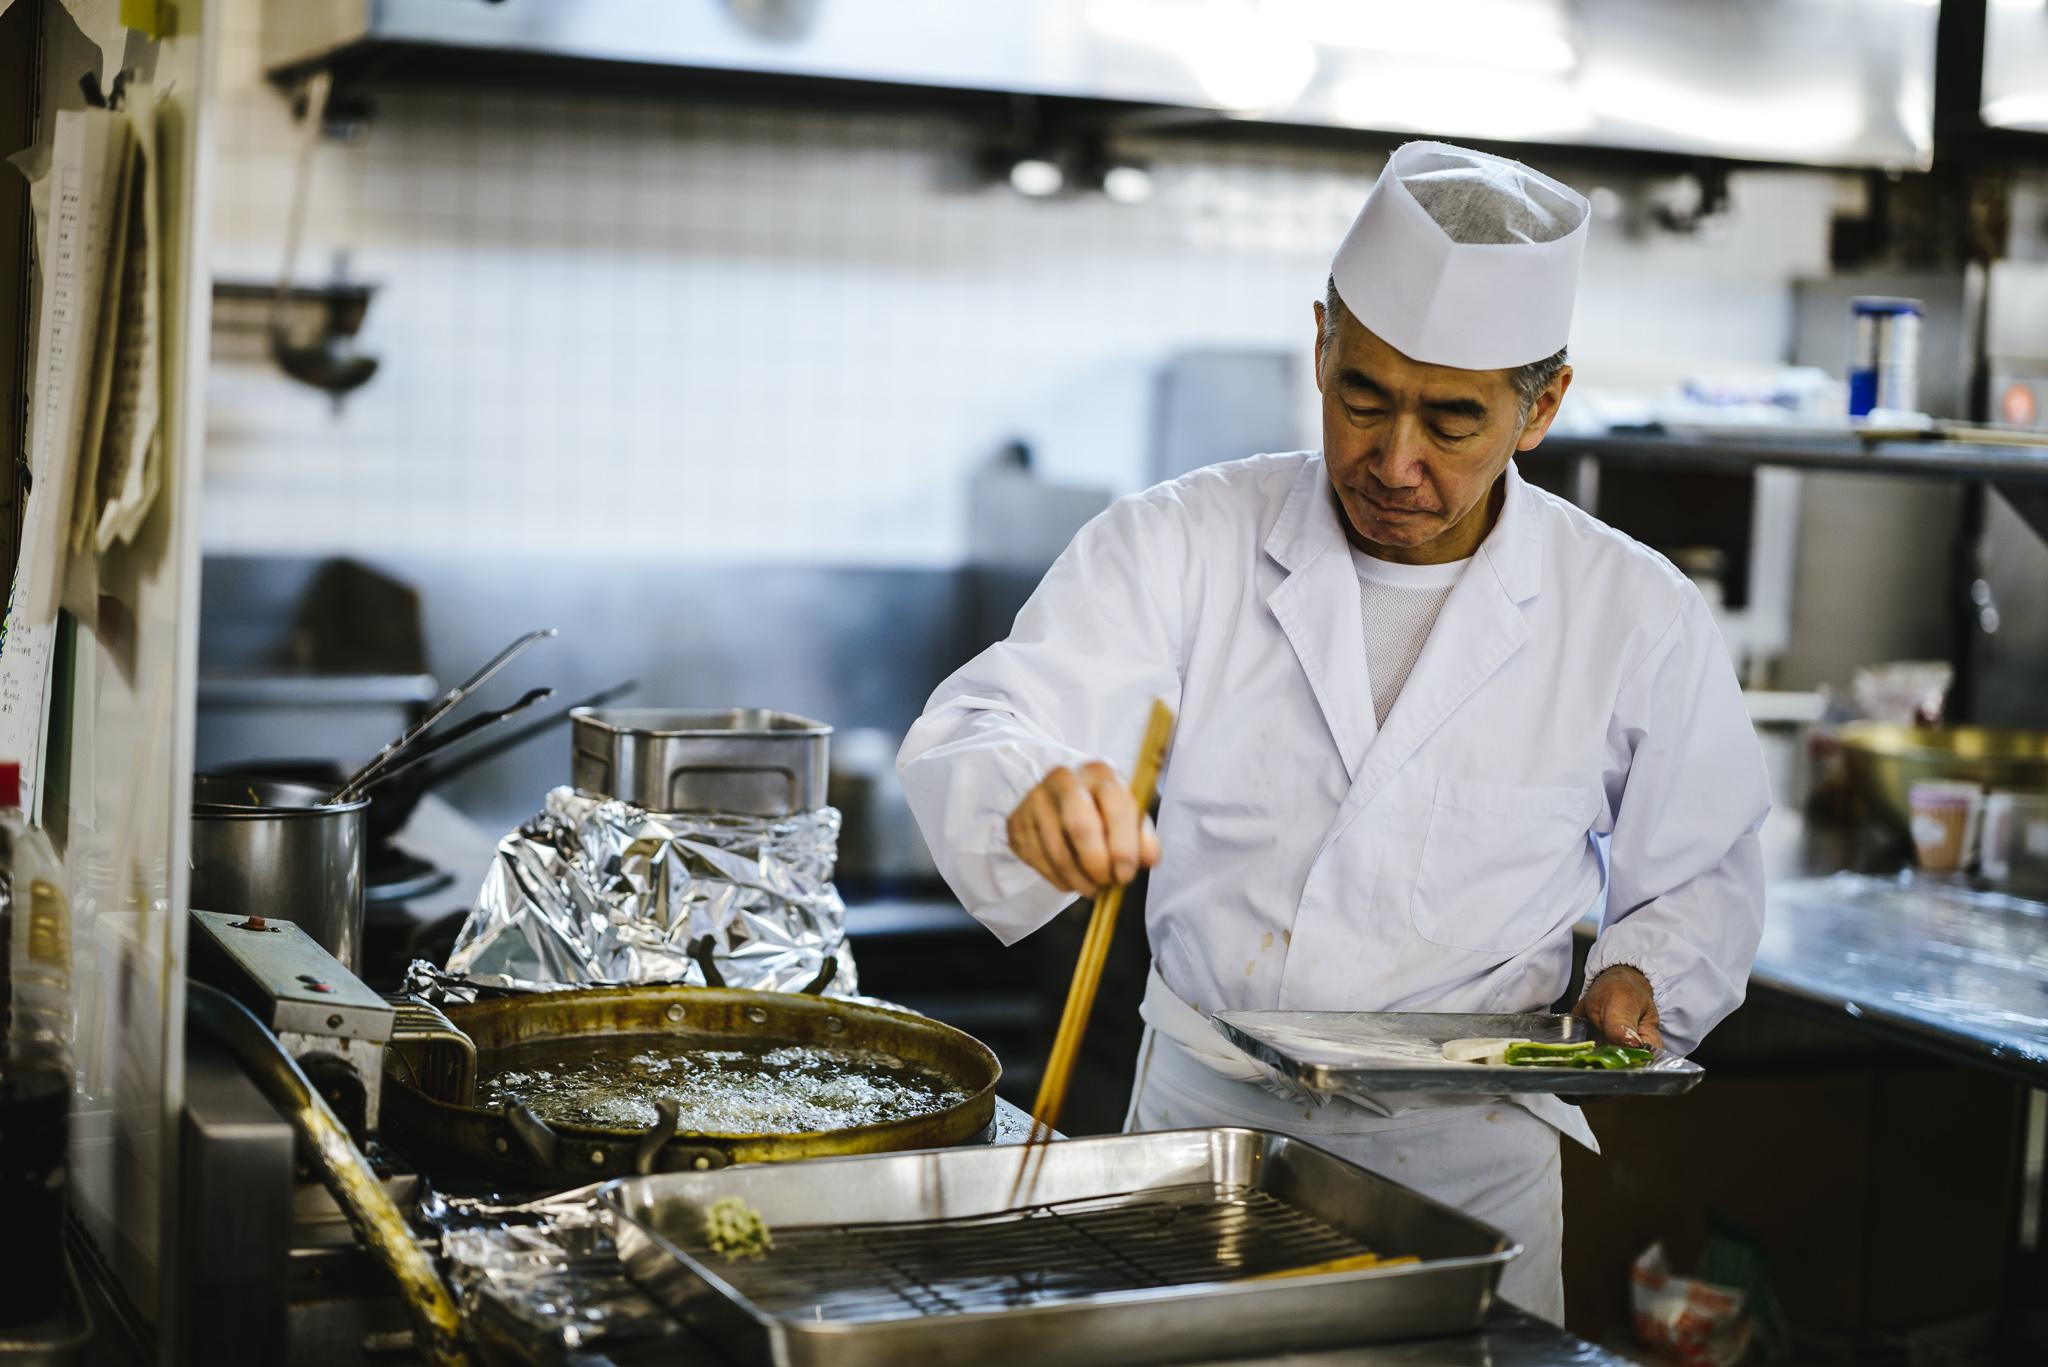 Rusutsu chef prepares tempura